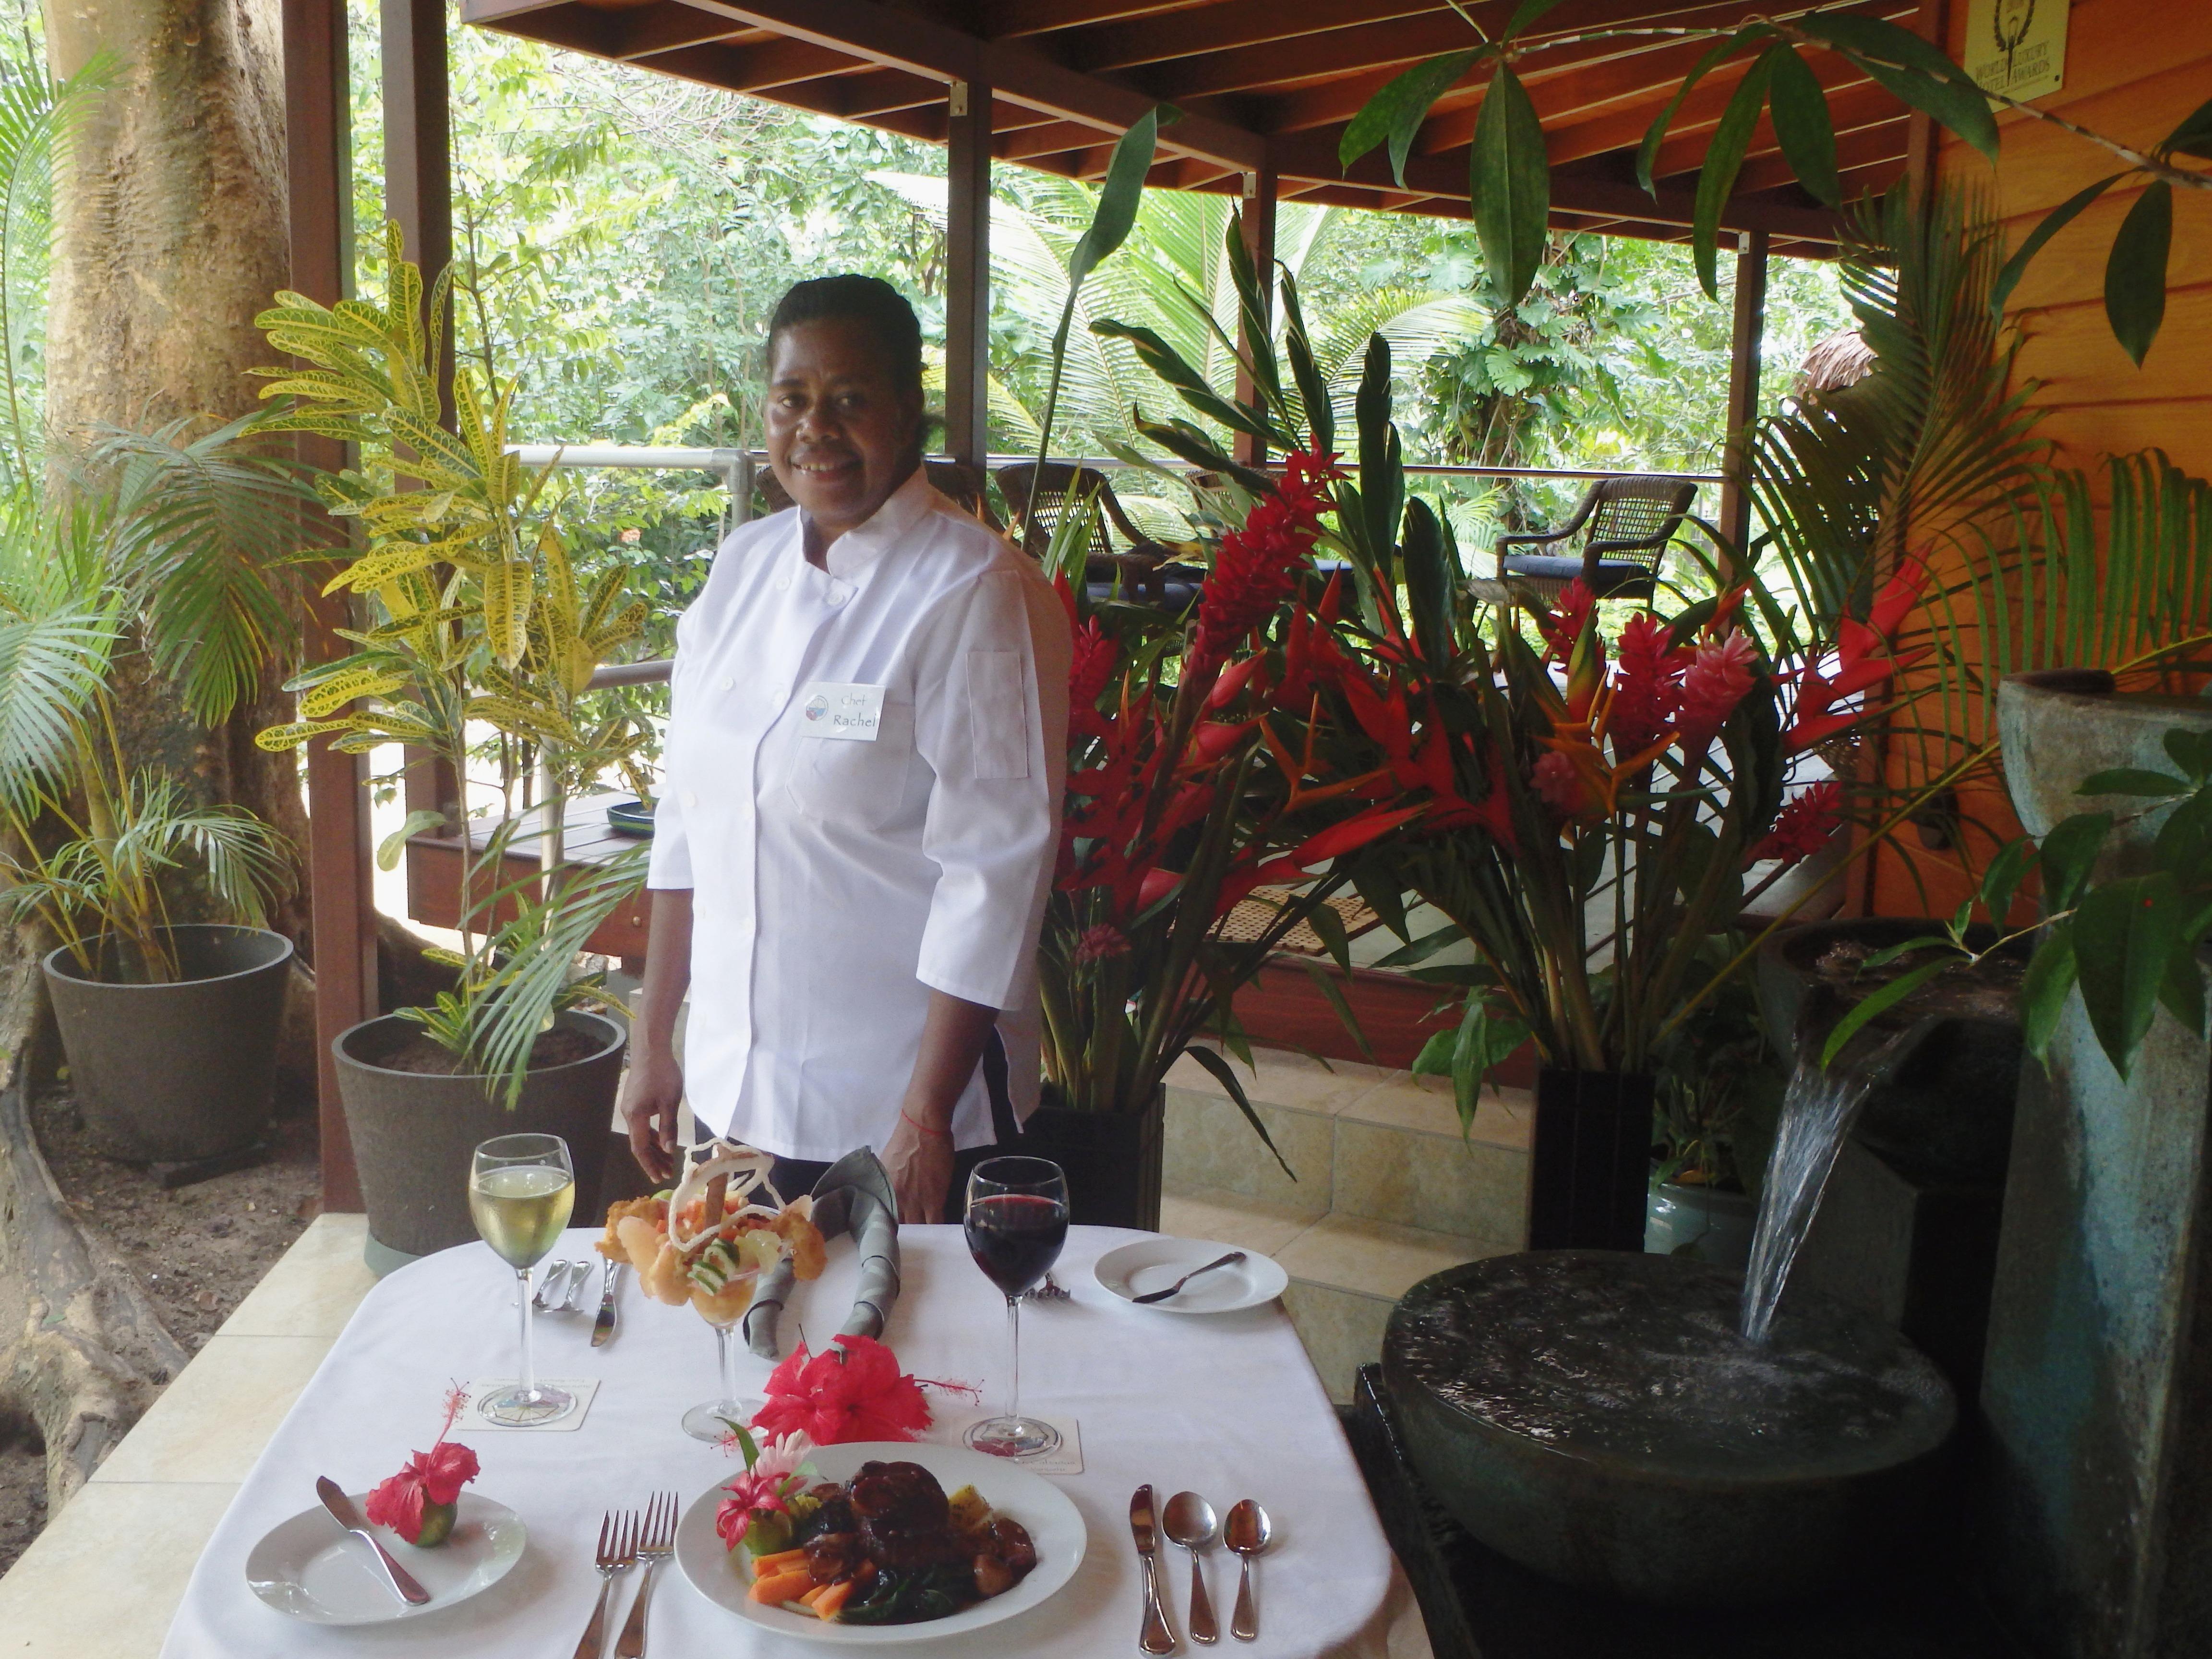 Chef-prepared specials